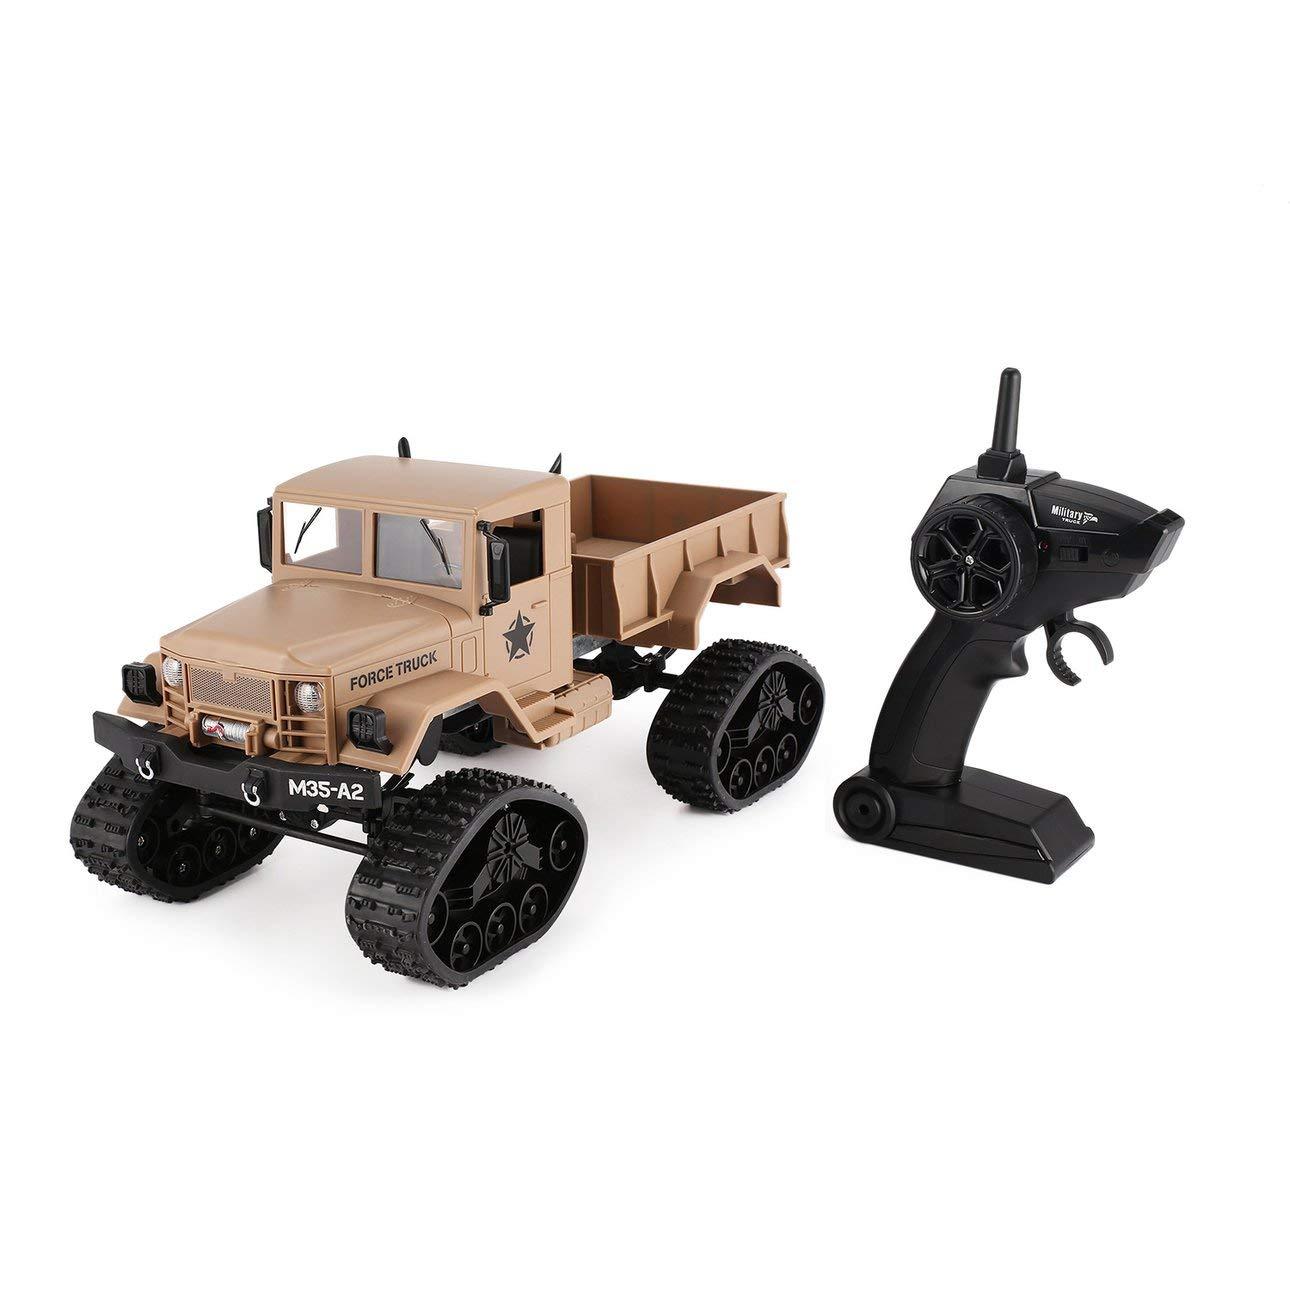 Ballylyly FY001B 2,4 Ghz 1/16 4WD Caterpillar Offroad RC Militär LKW Climber Crawler RC Auto mit Frontlicht für Kinder Spielzeug Geschenk